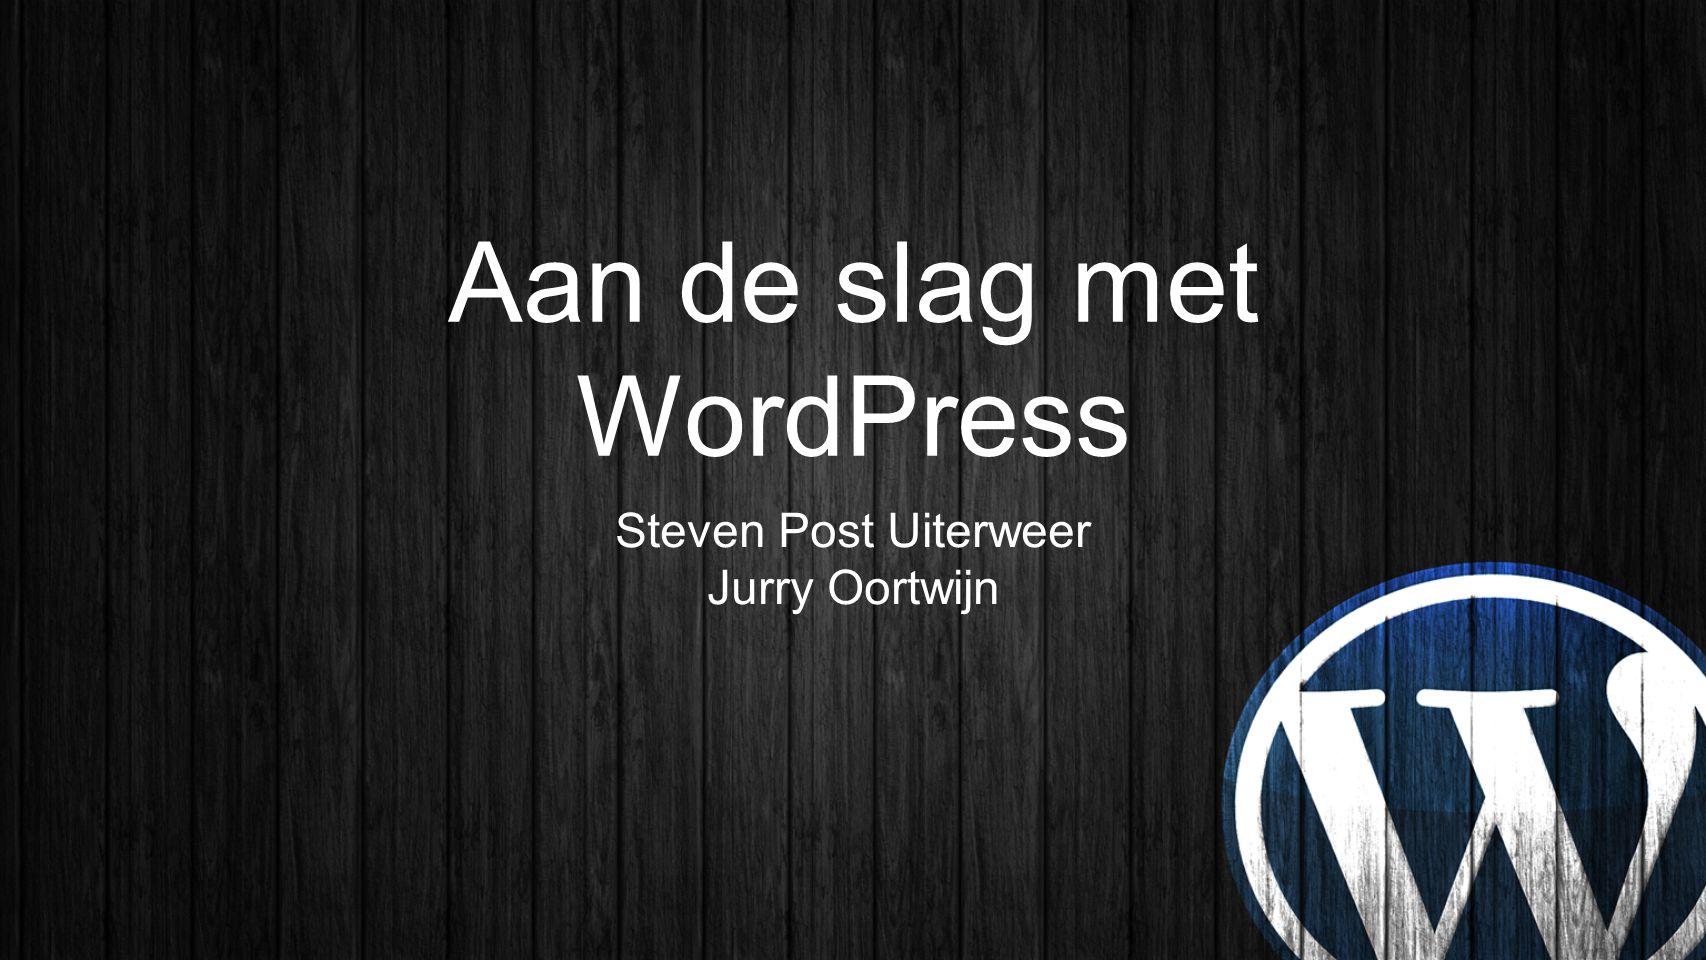 Aan de slag met WordPress